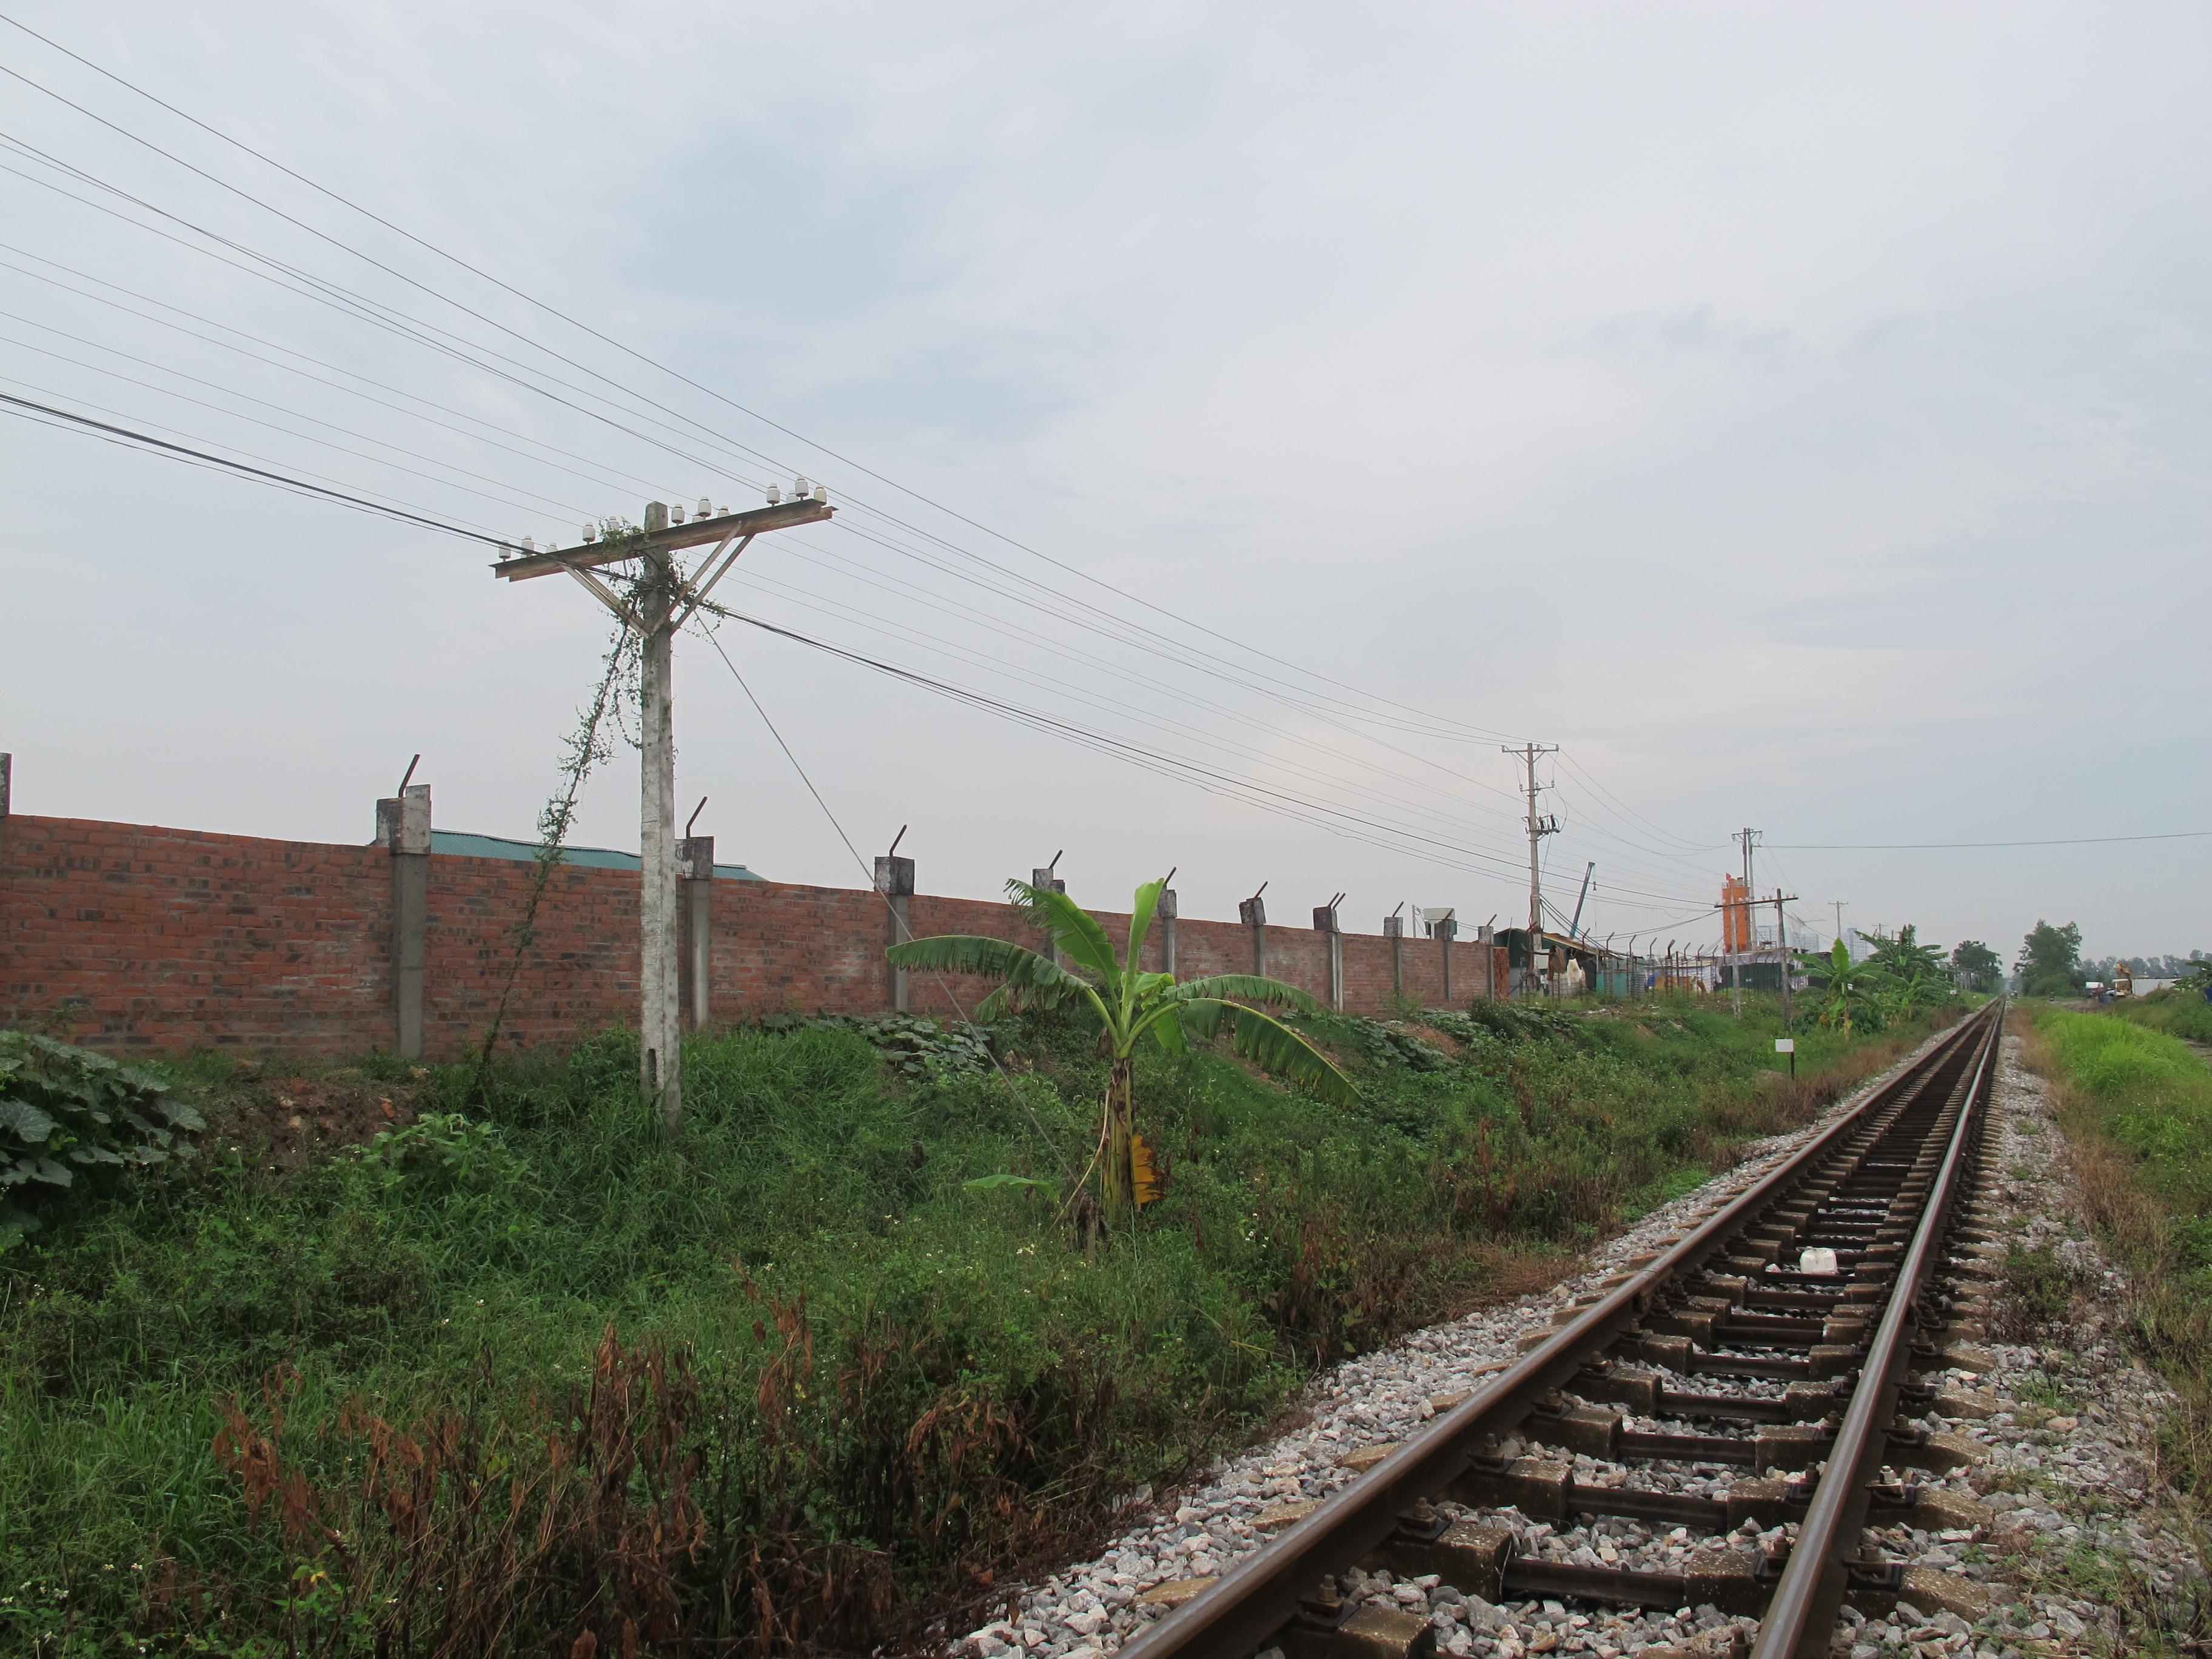 Chiếm hành lang đường sắt, khu đô thị Phú Lương có ý đồ gì?